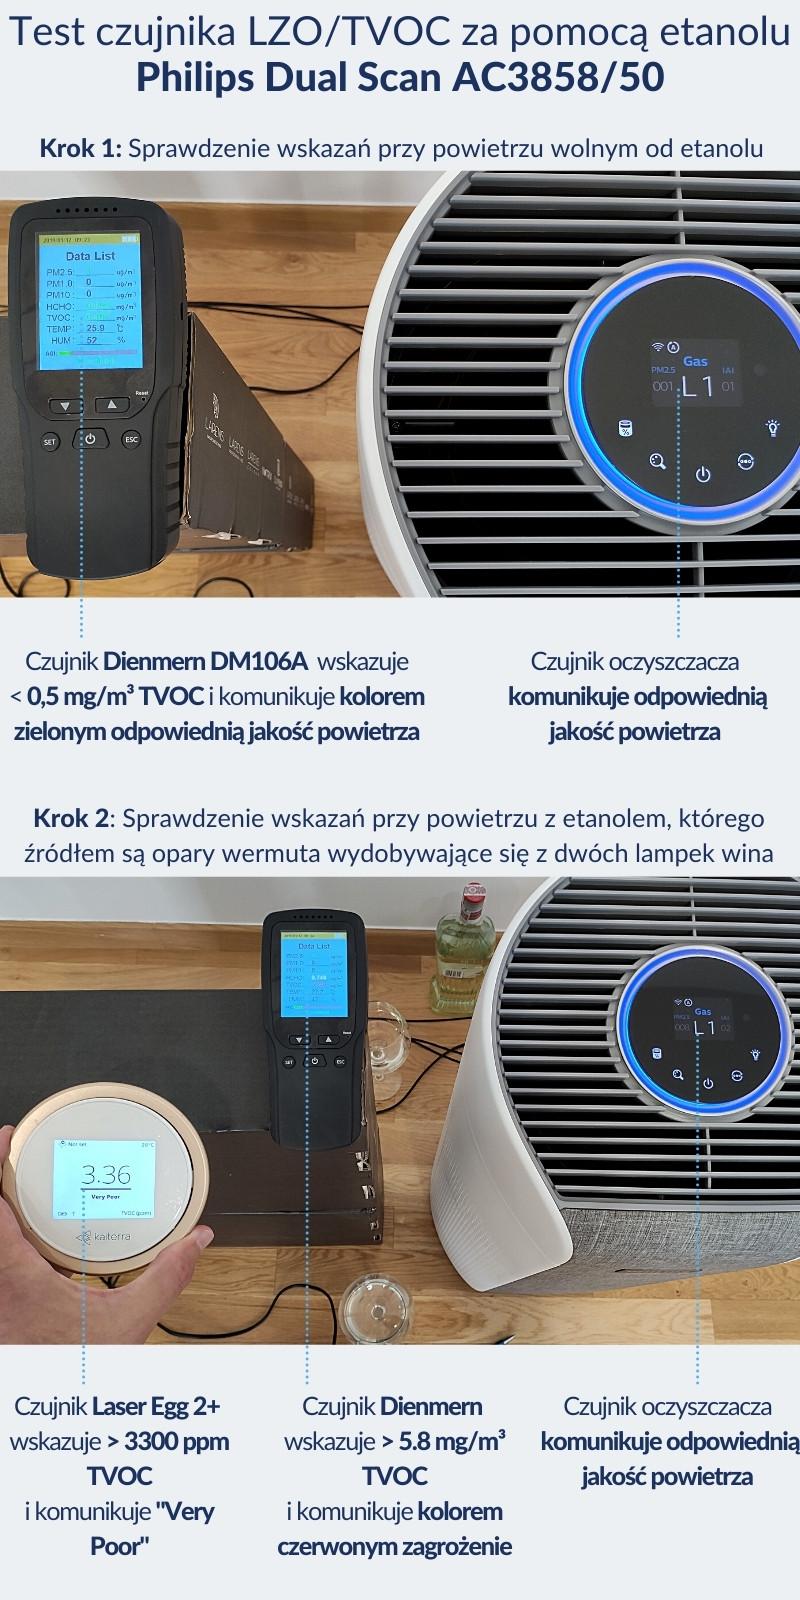 Test czujnika LZO Philips Dual Scan AC3858/50